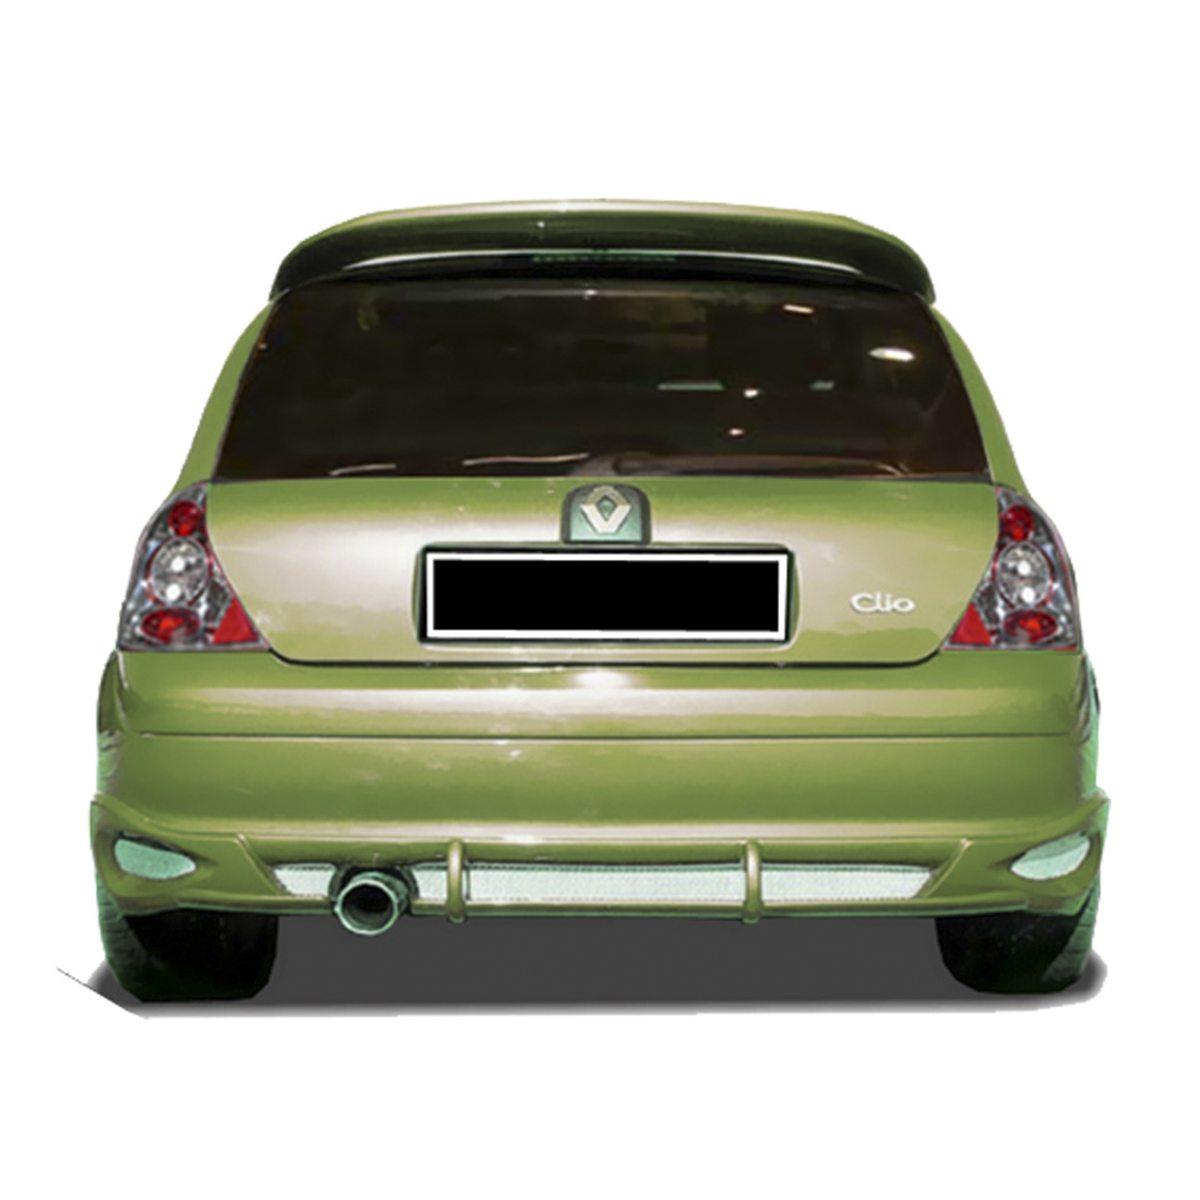 Renault-Clio-02-Venus-Tras-PCU0770